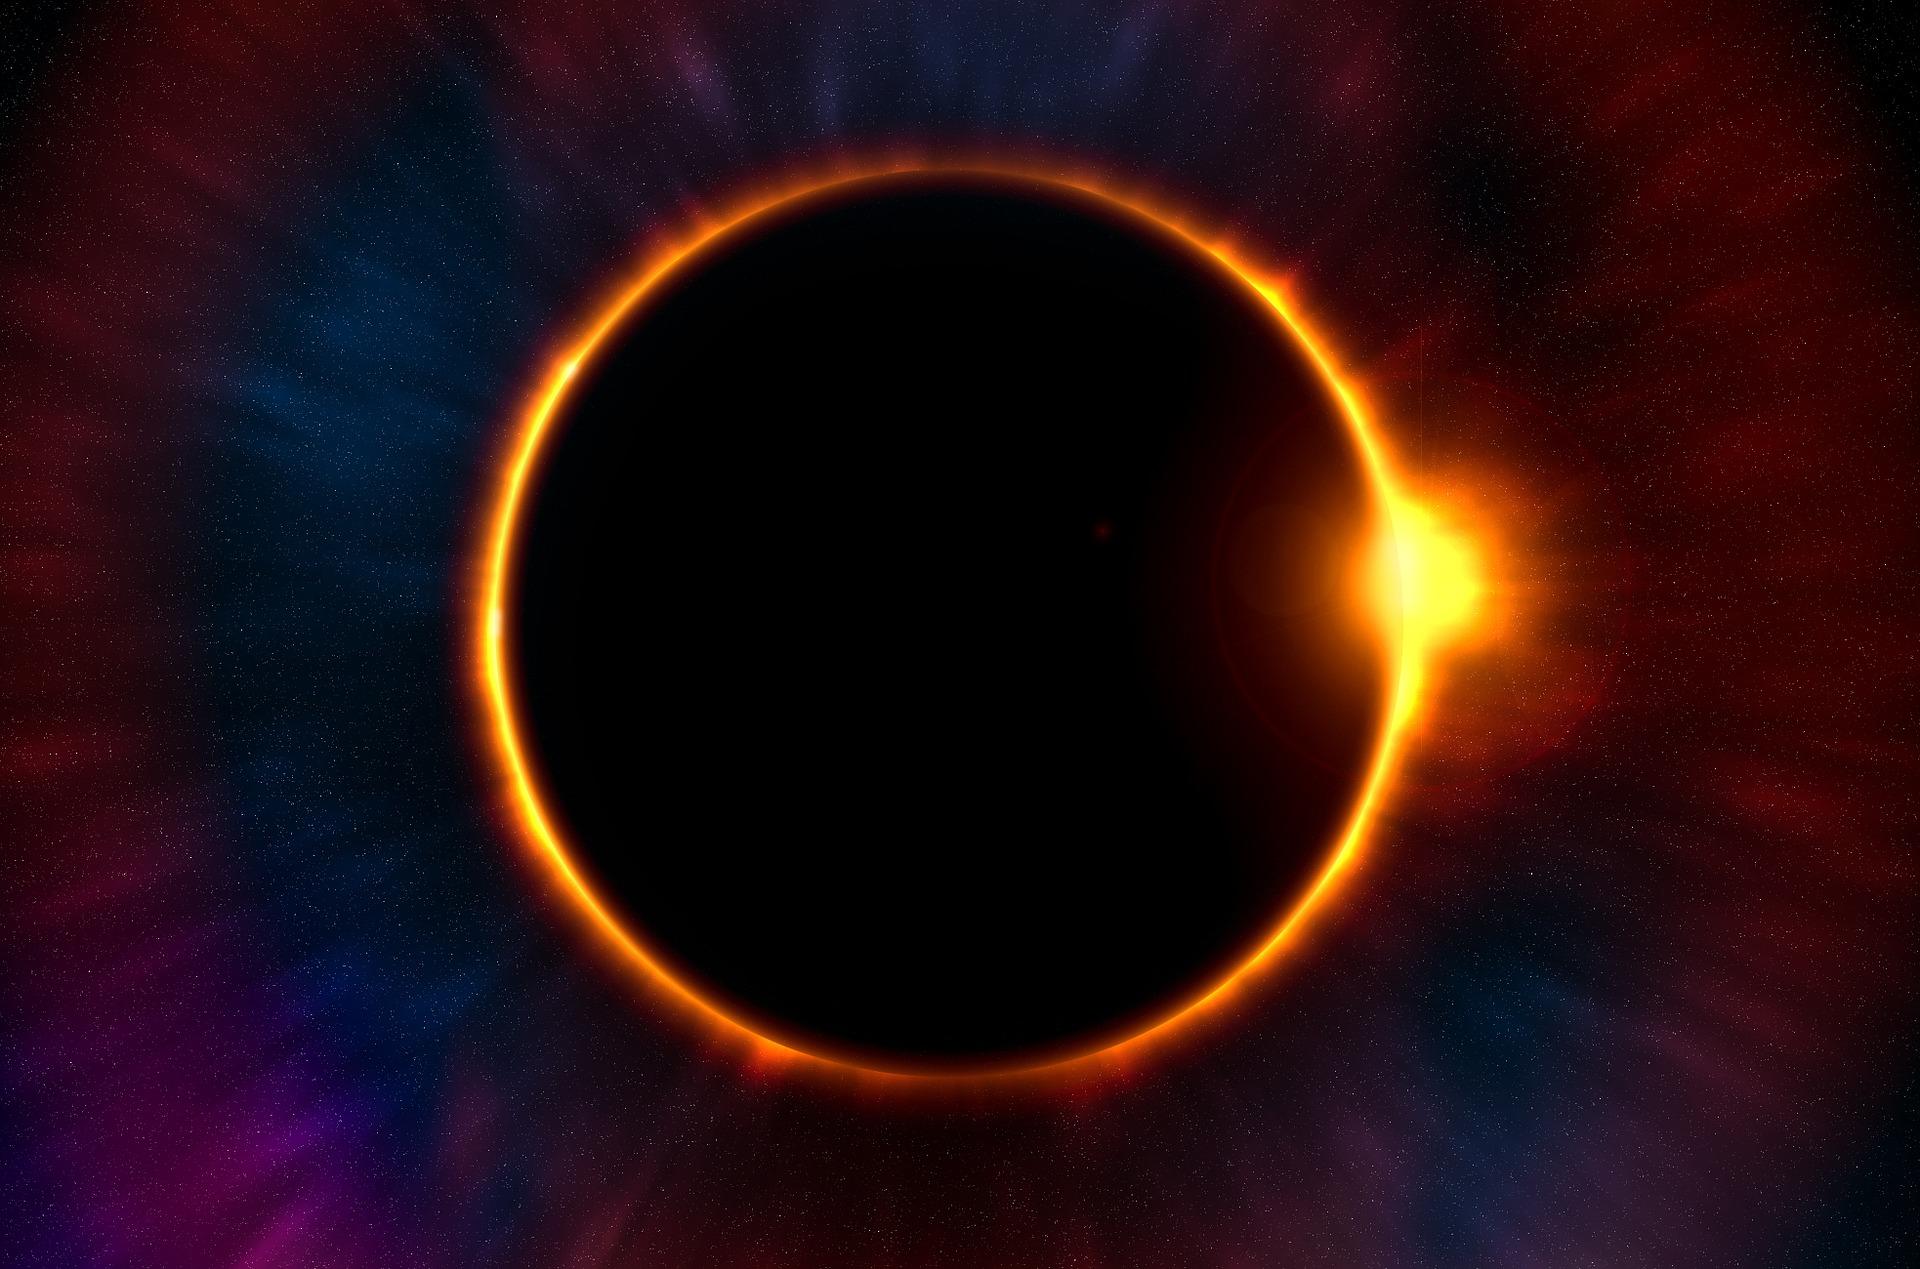 Obrázek: Vědci mohou lépe pozorovat sluneční erupce díky strojovému učení